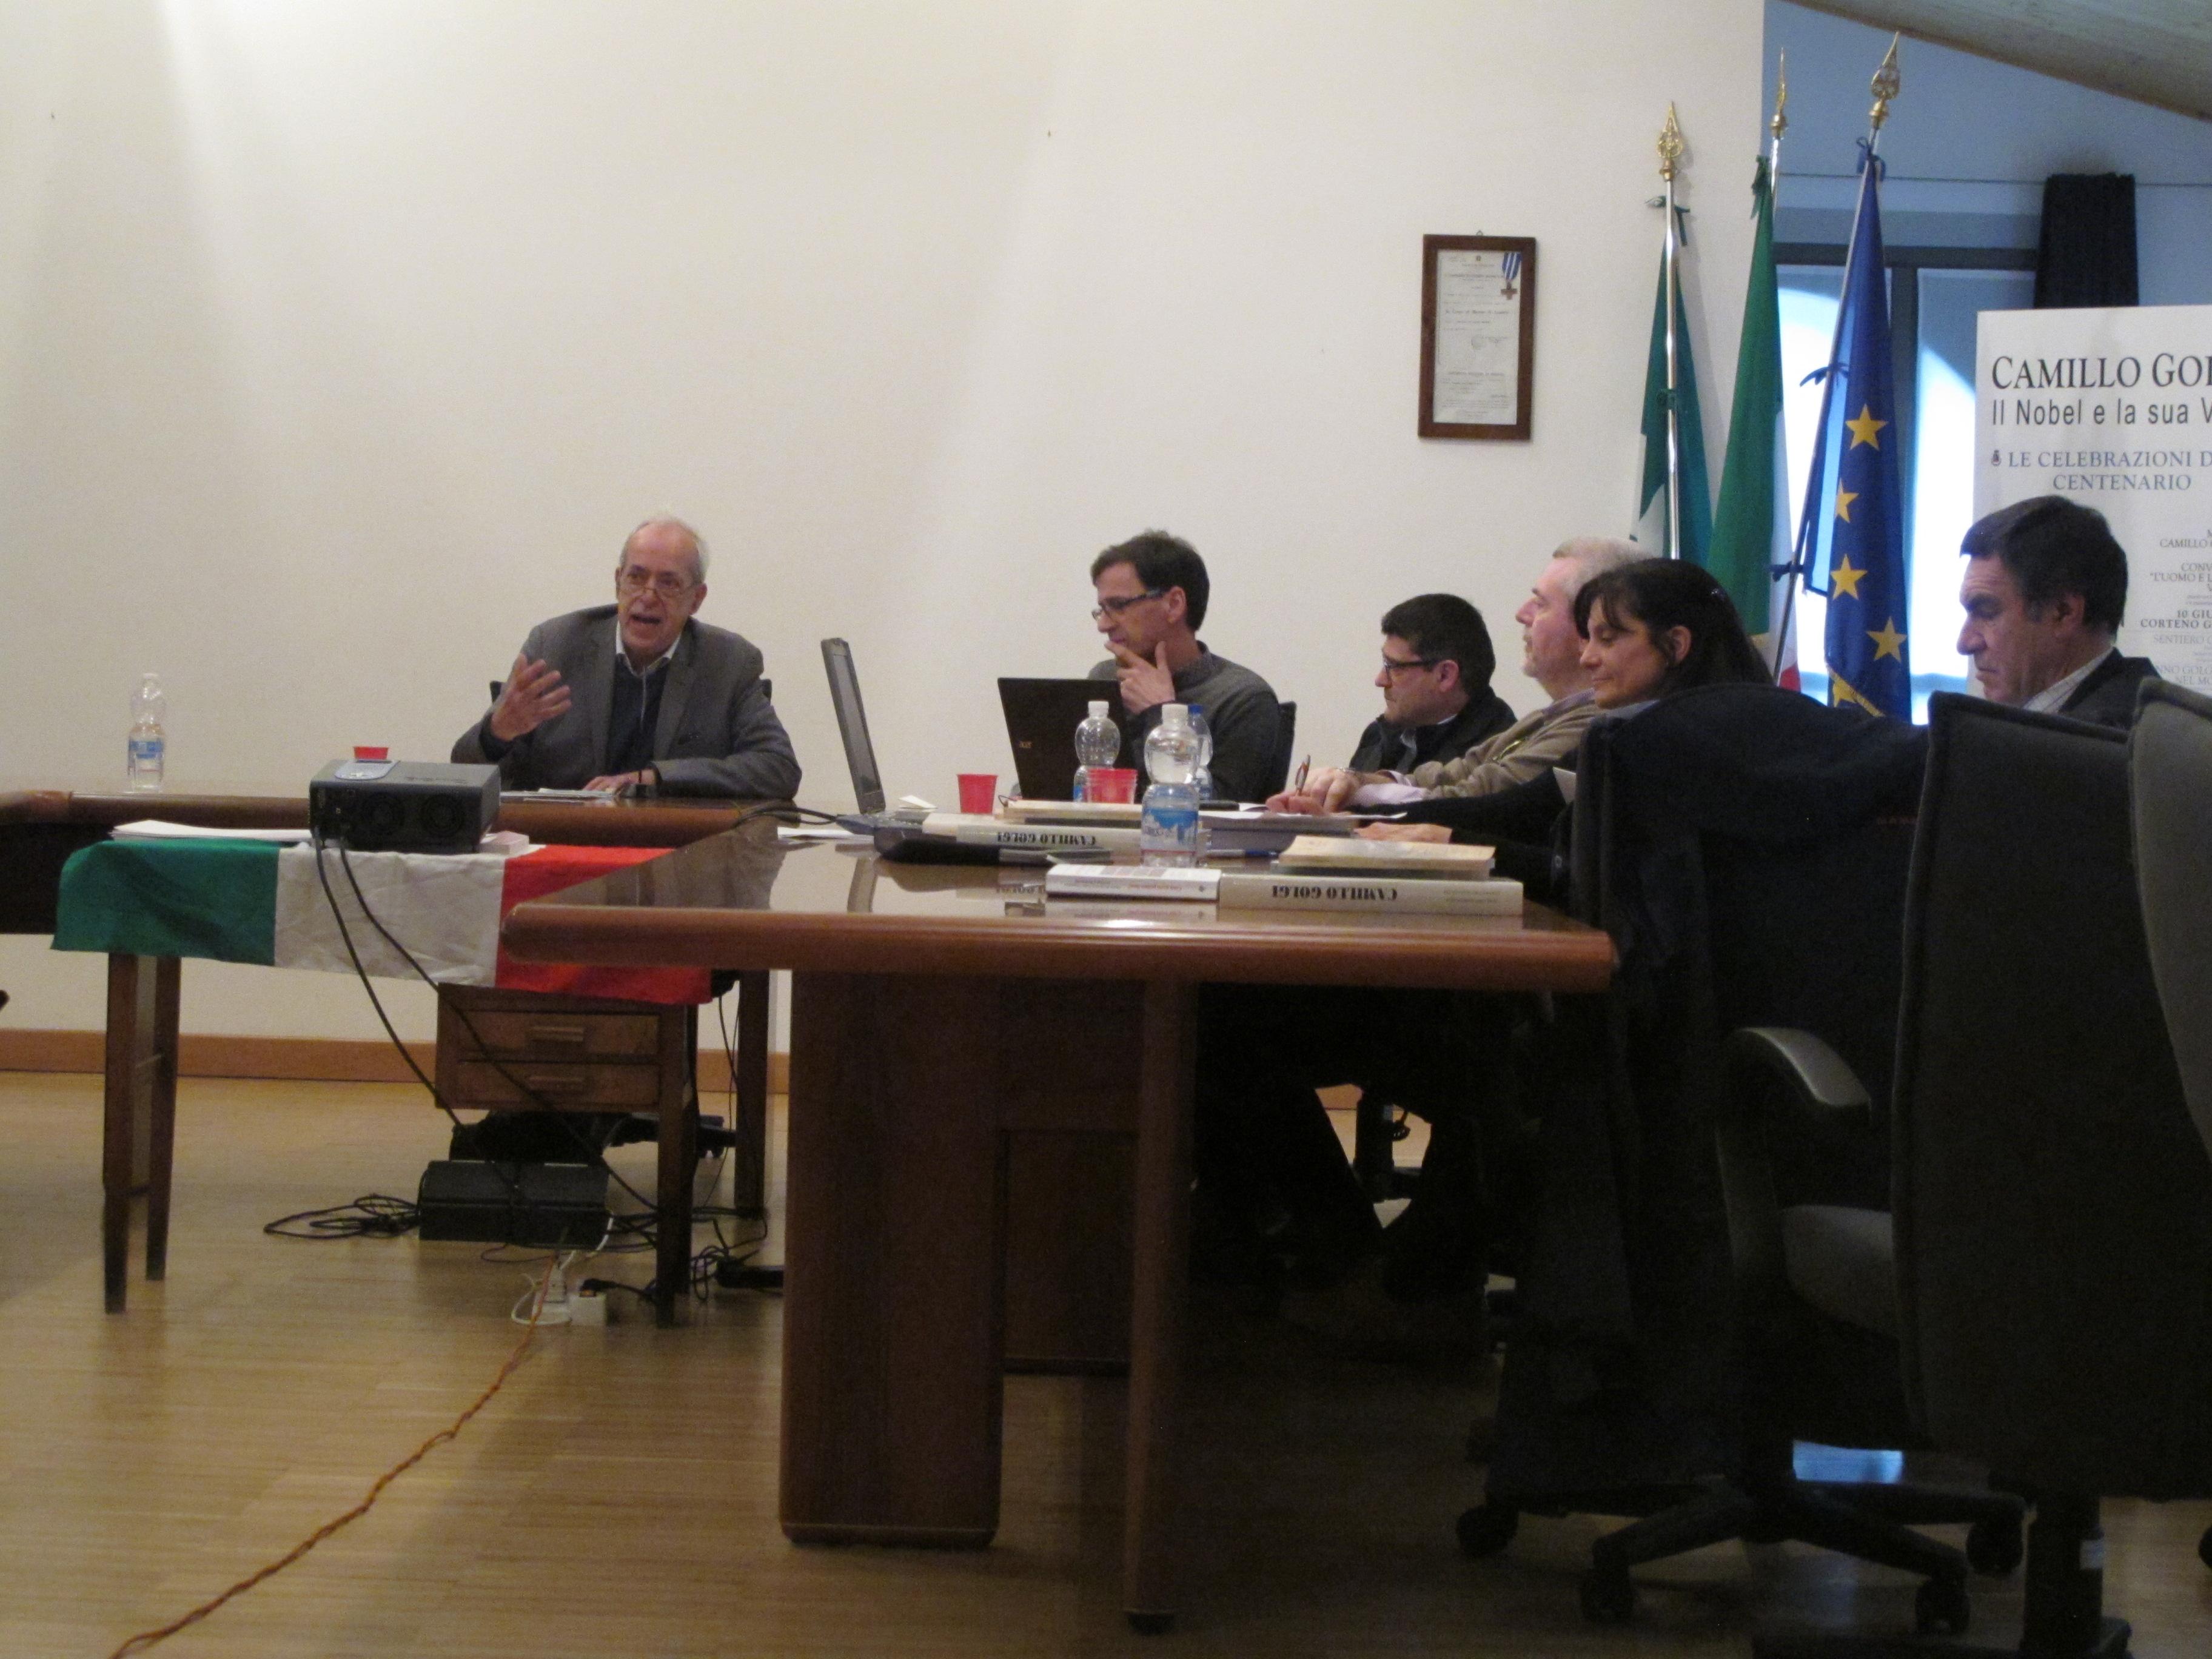 19_convegno Resistenza seme dell'Europa a Corteno Golgi